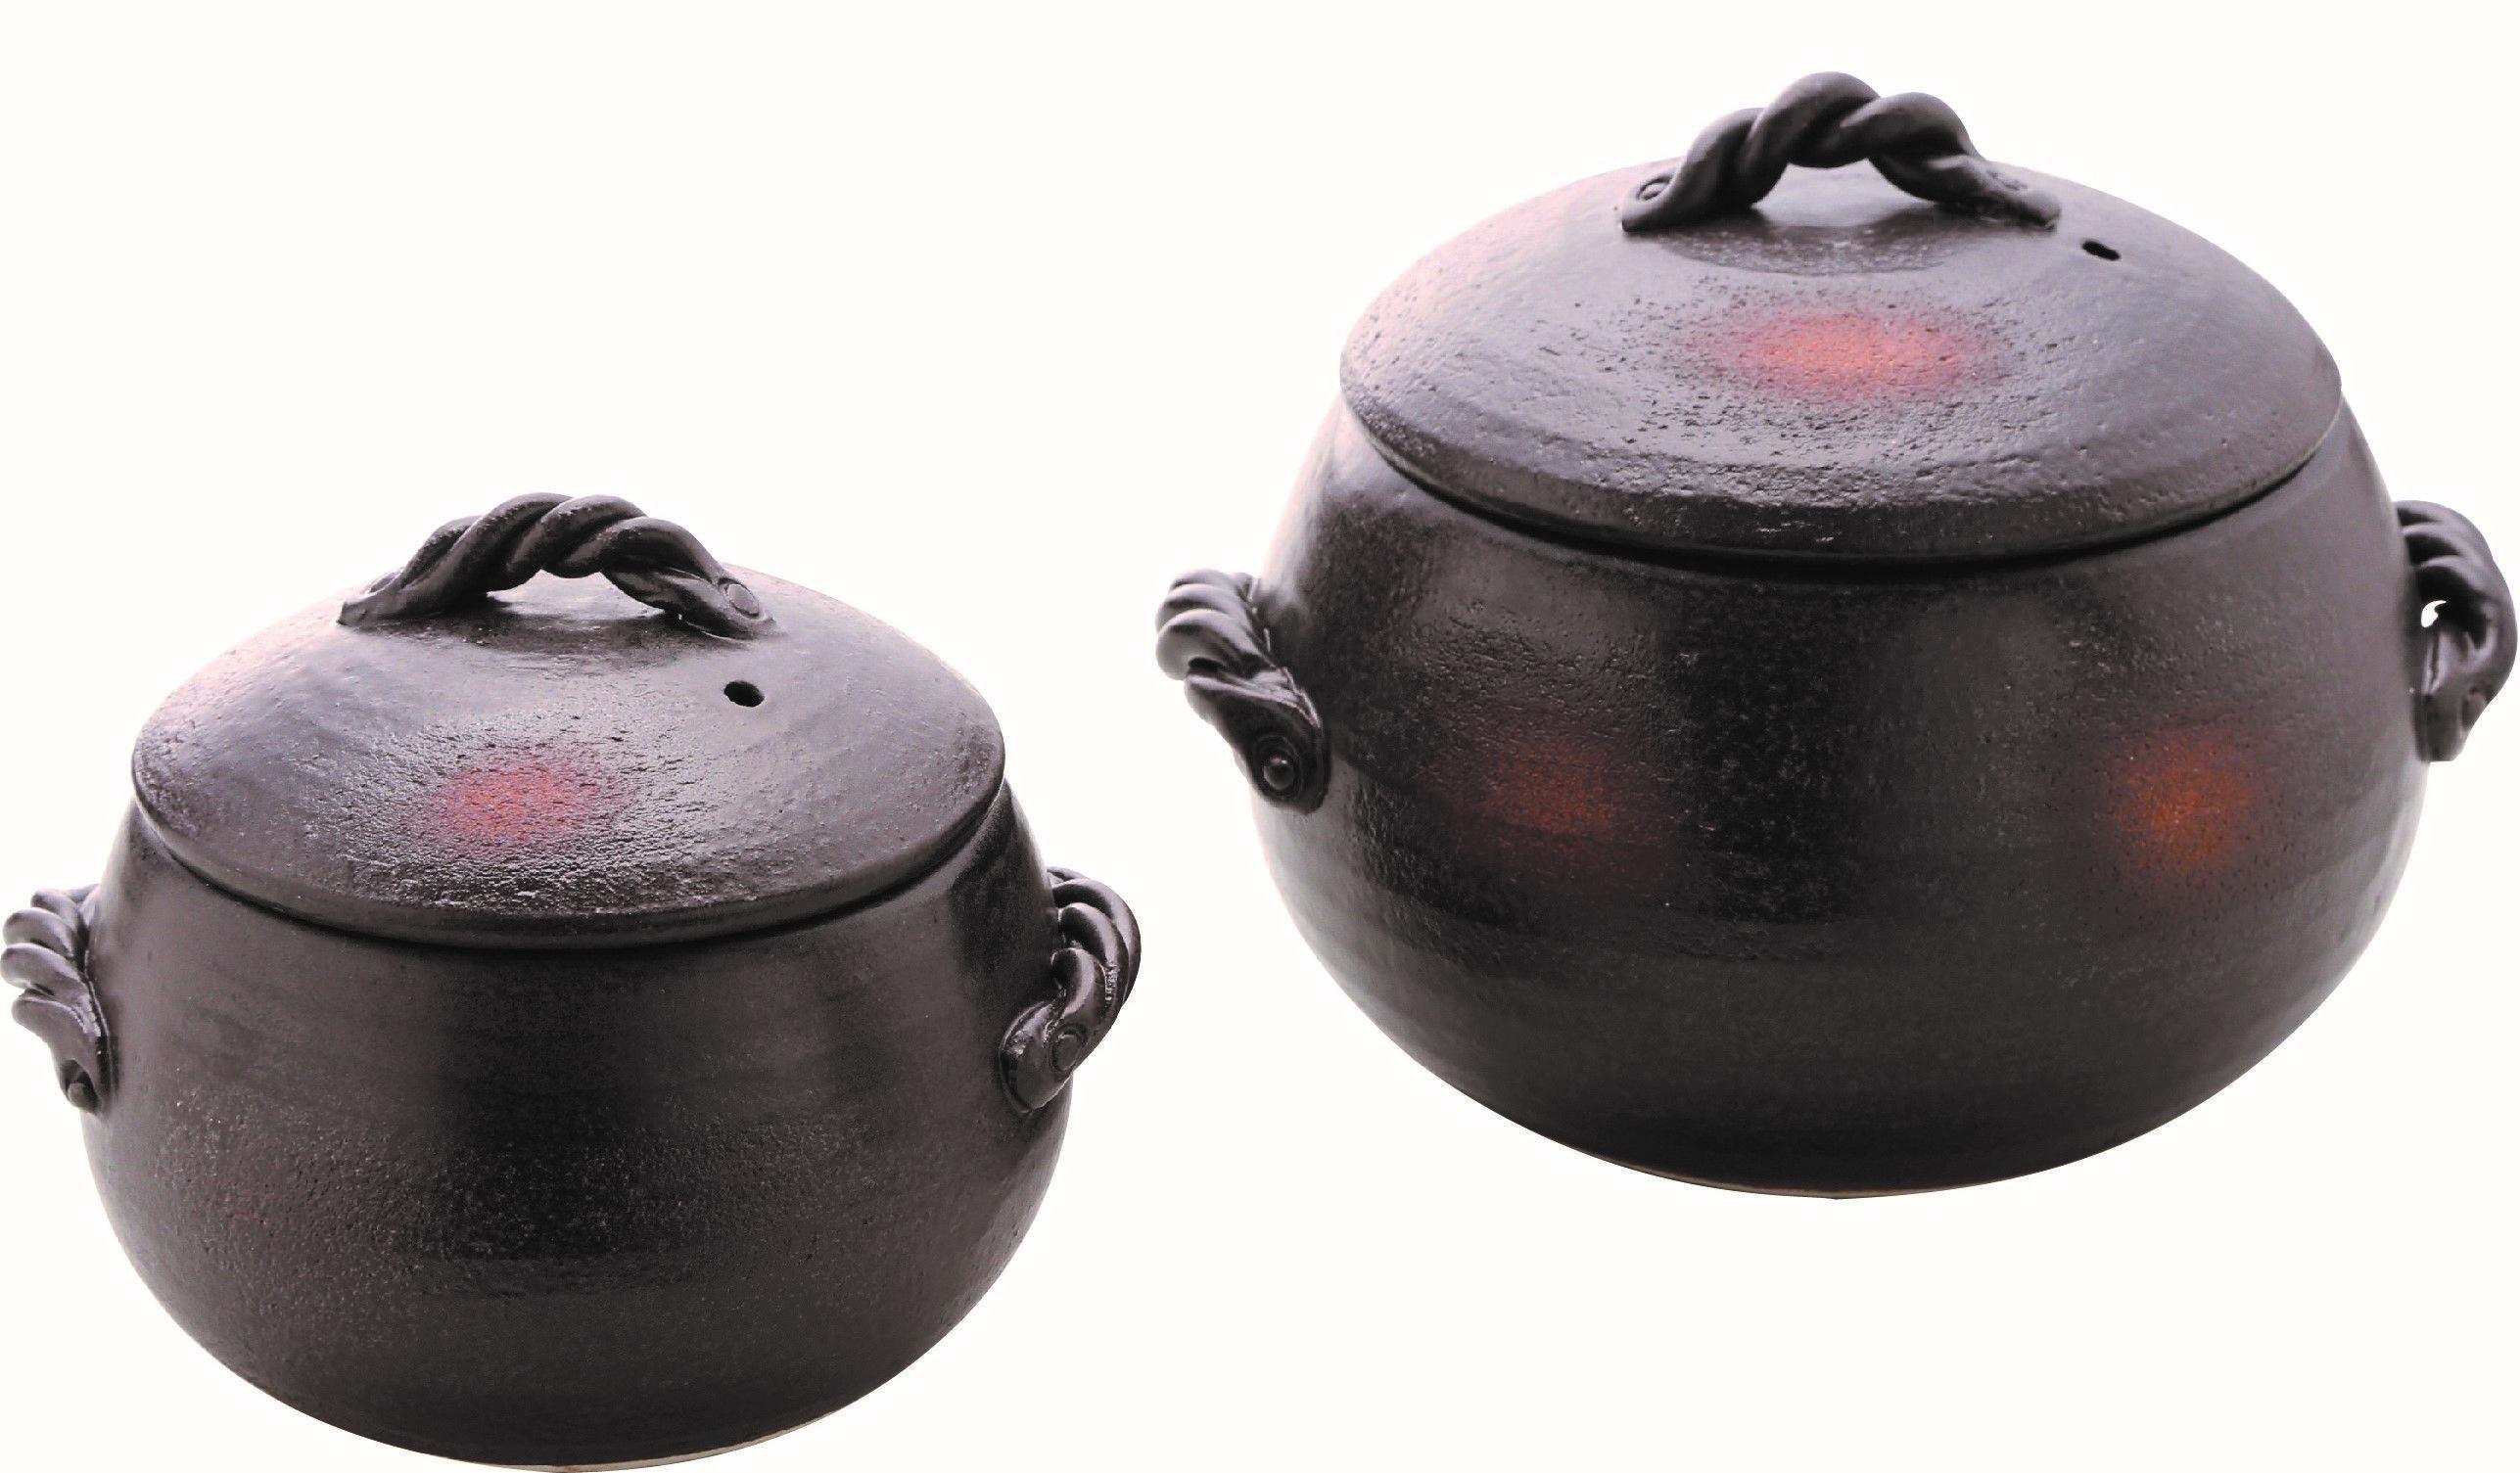 くり型ごはん鍋 ブラウン(3合用) 98-388-09